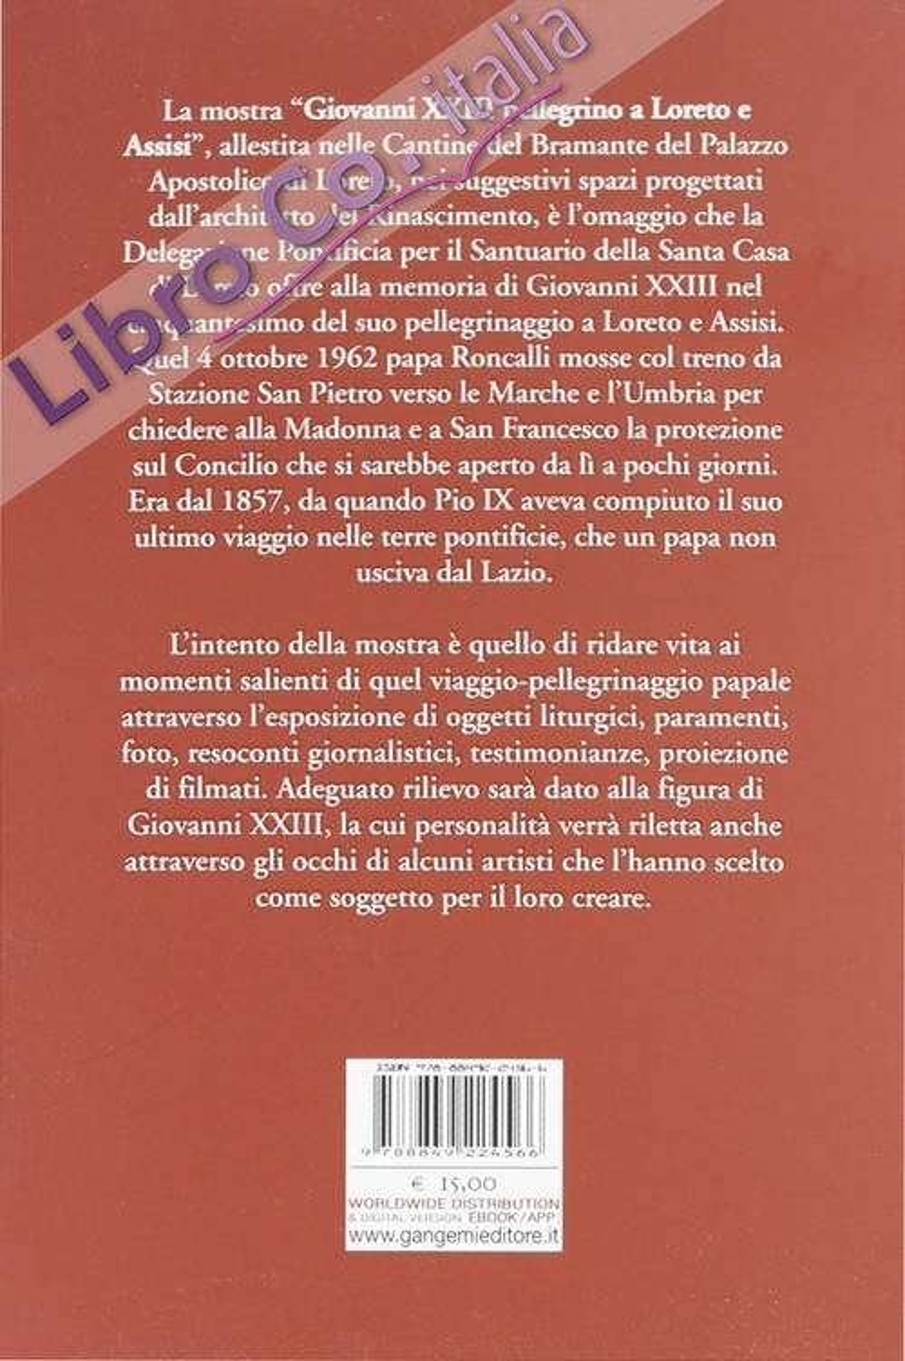 Giovanni XXIII pellegrino a Loreto e Assisi. Catalogo della mostra (Loreto, 30 settembre 2012-27 gennaio 2013). Ediz. illustrata